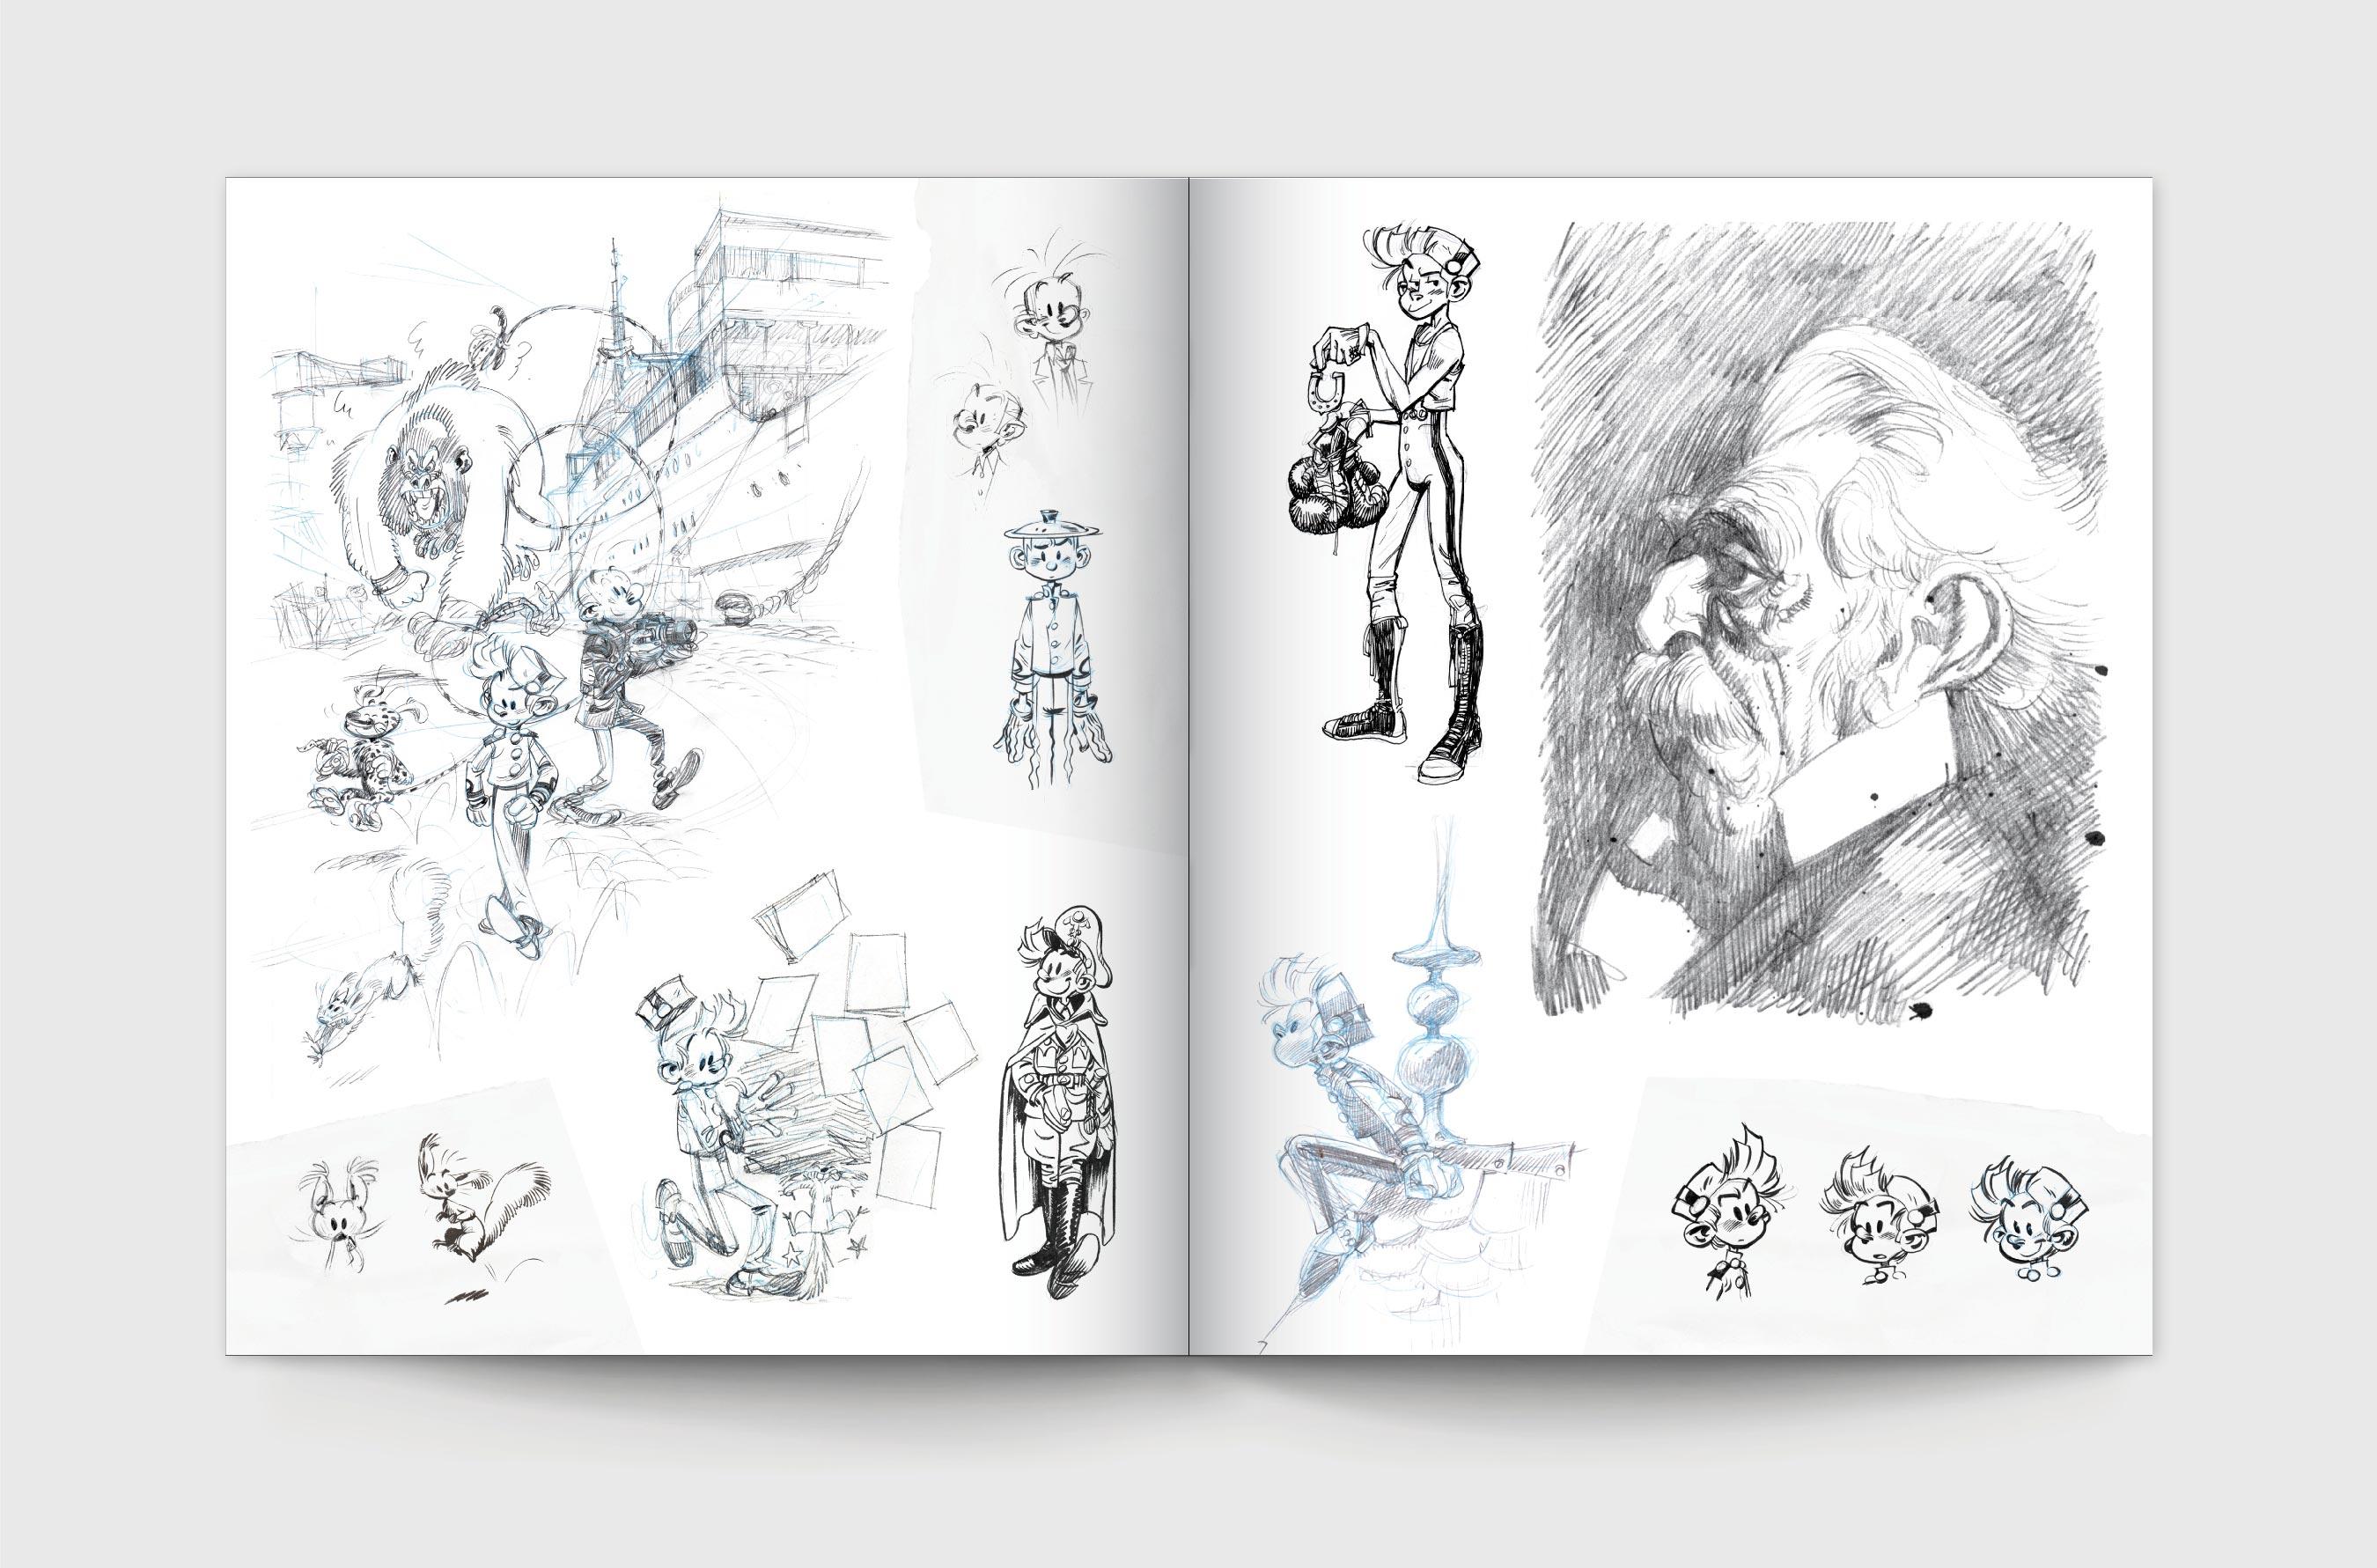 Sketchbook Yoann 6